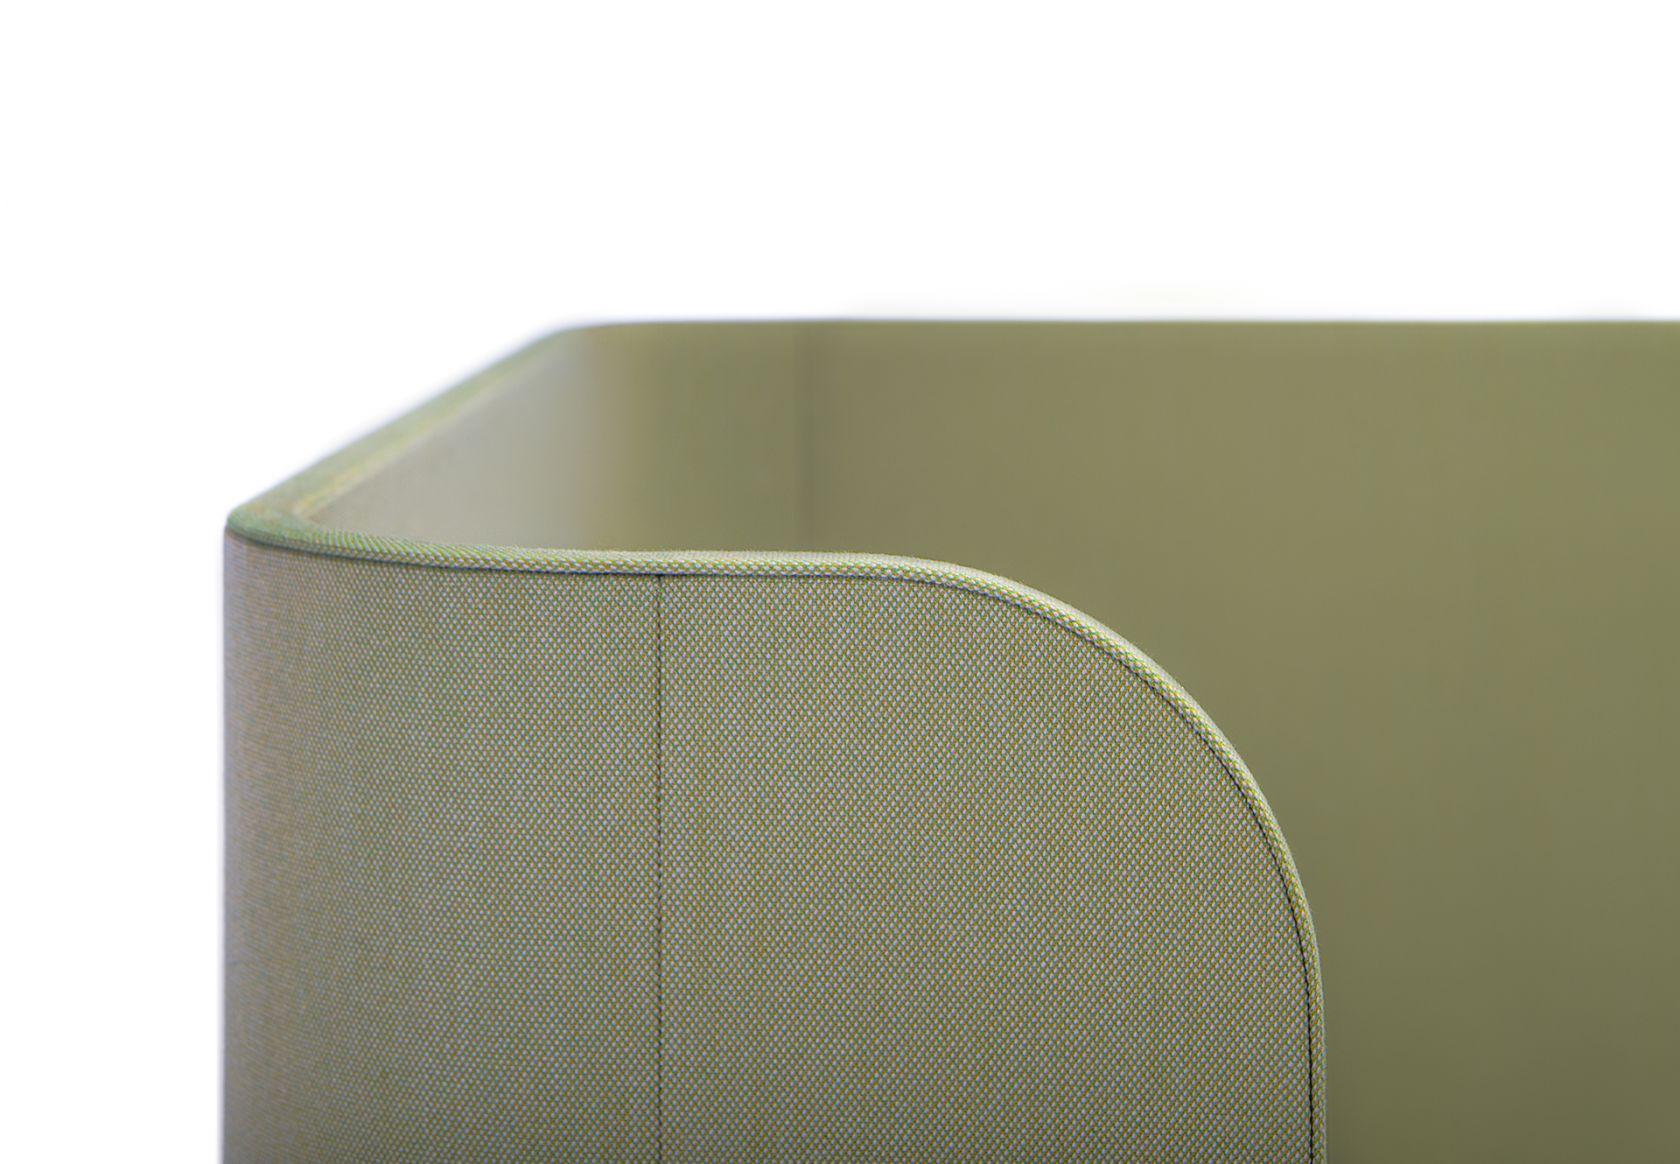 Focus edge detail